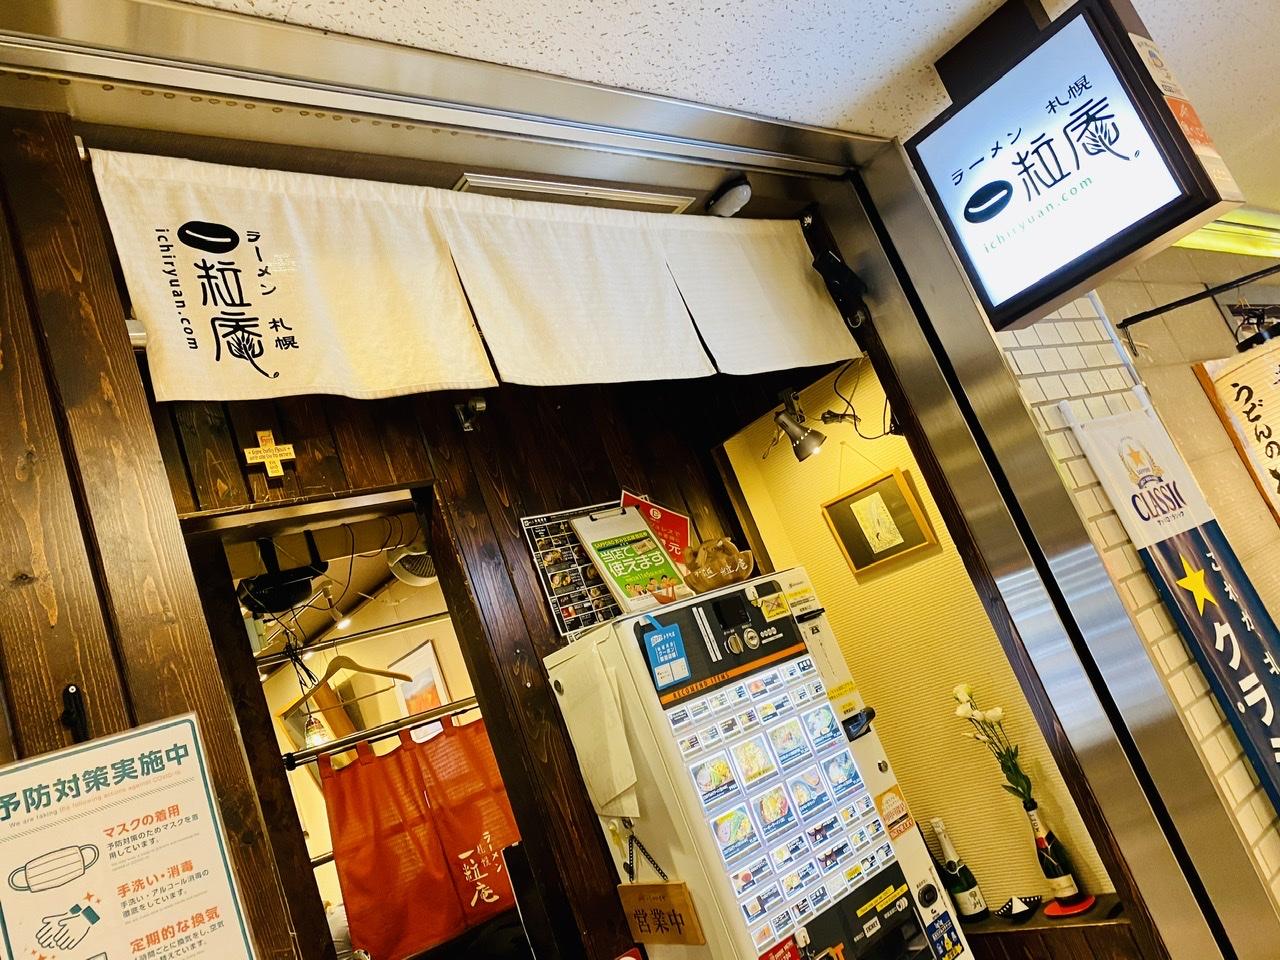 【札幌グルメ】食べログ高評価!札幌でラーメンを食べるなら絶対ココ★《一粒庵》_5